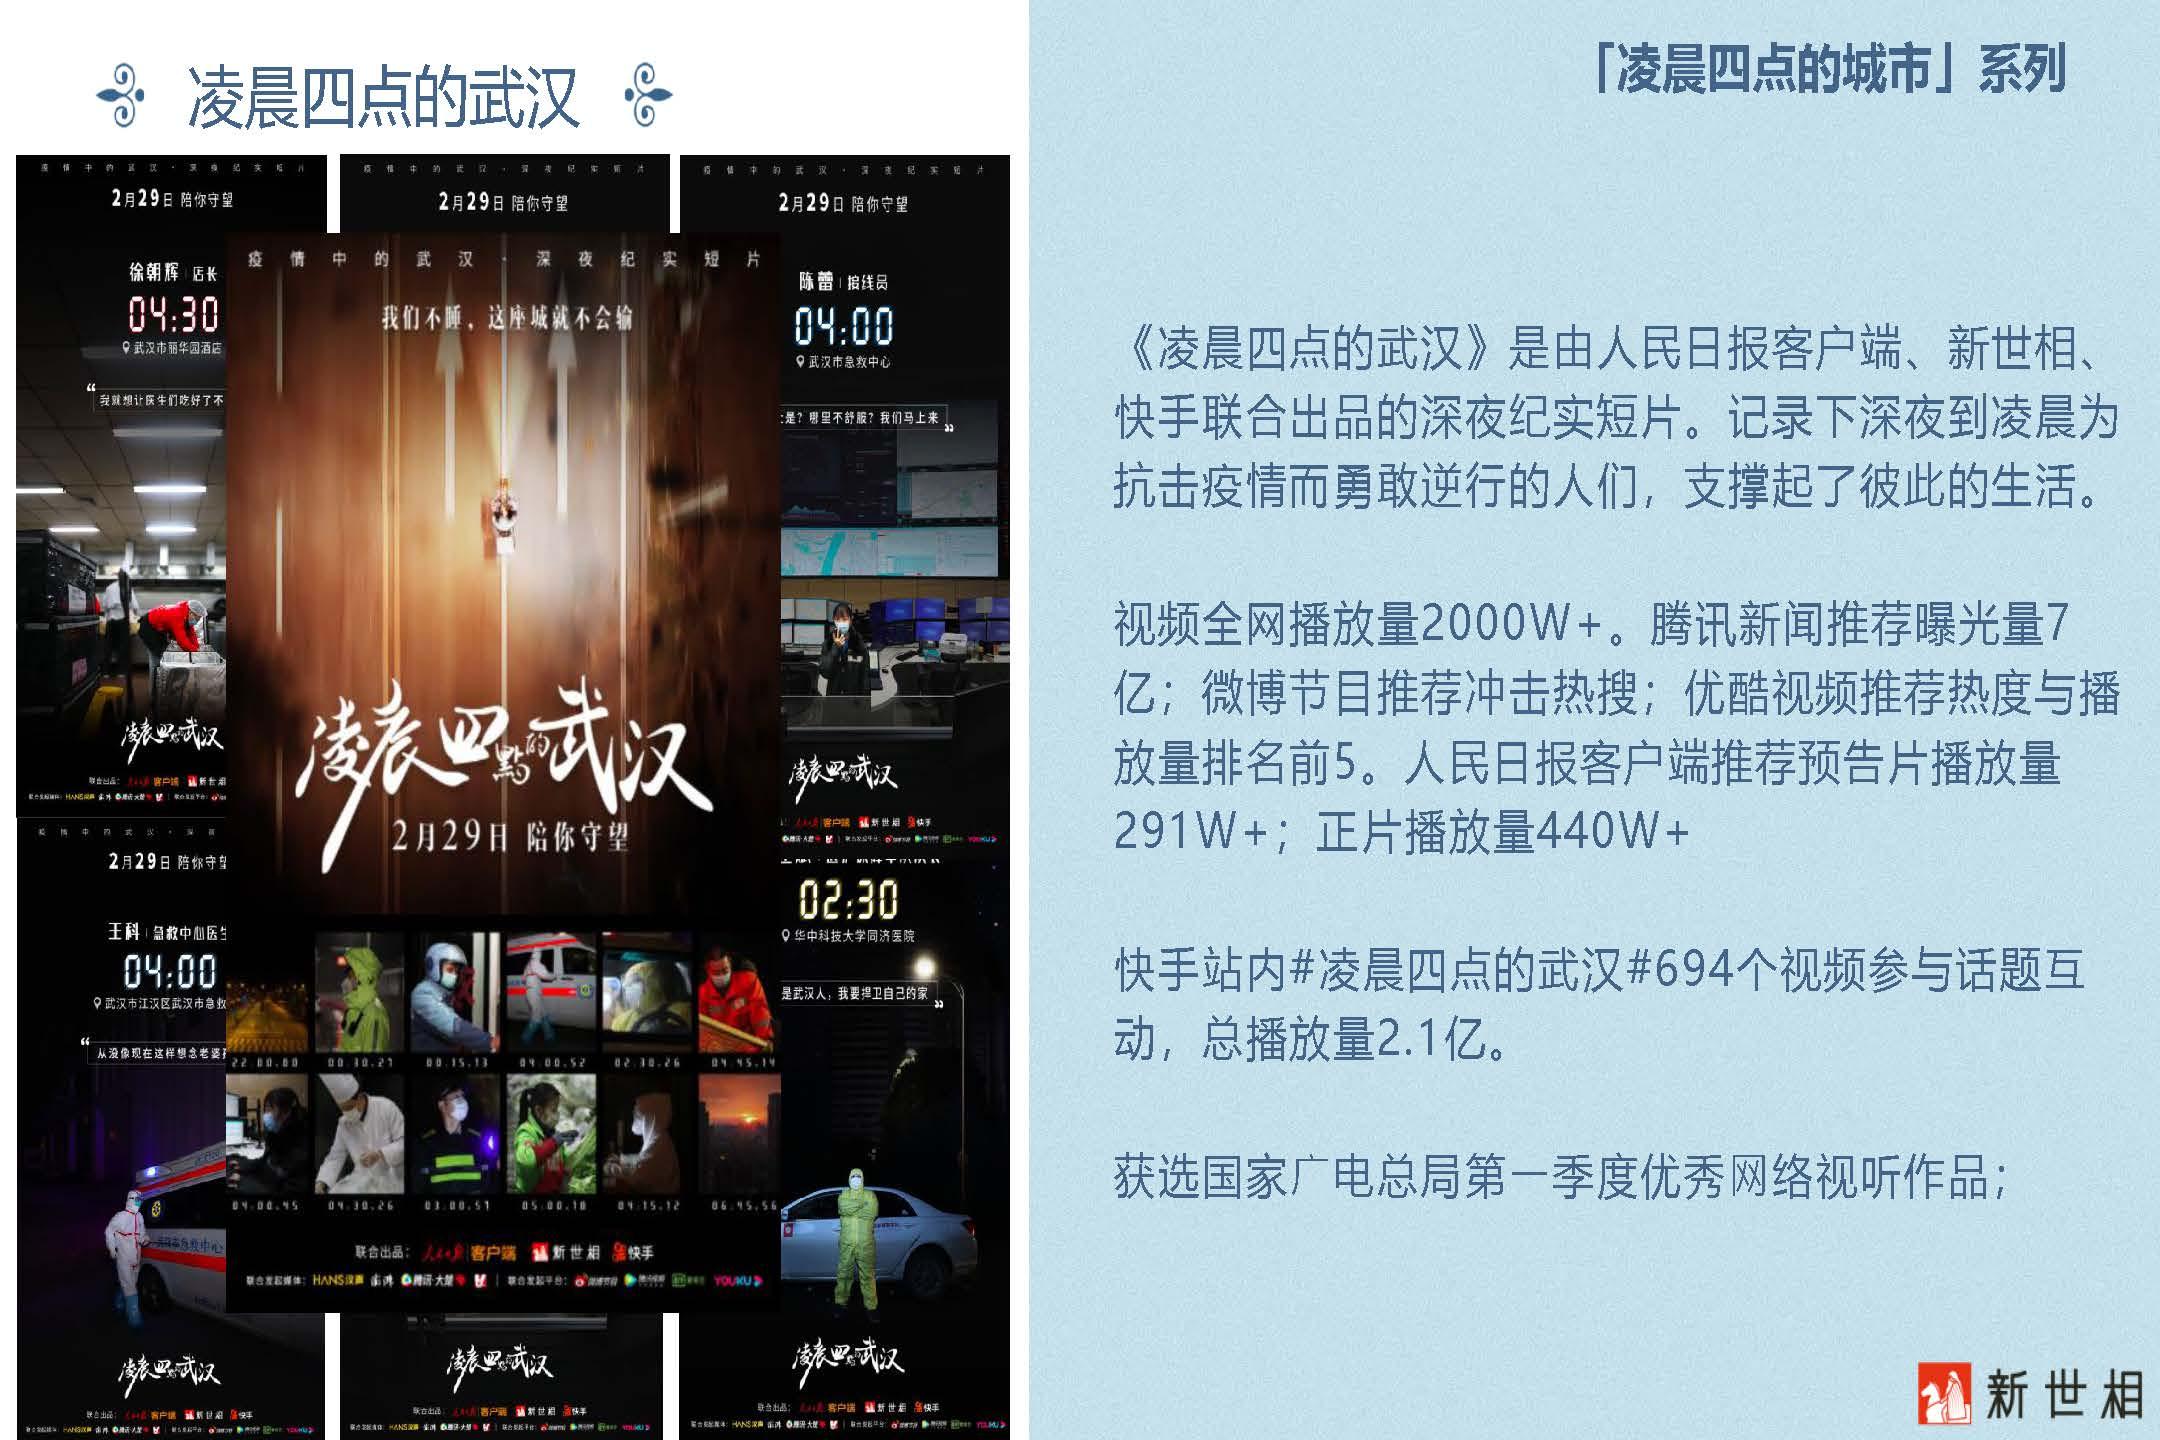 新世相-内容驱动增长_页面_13.jpg